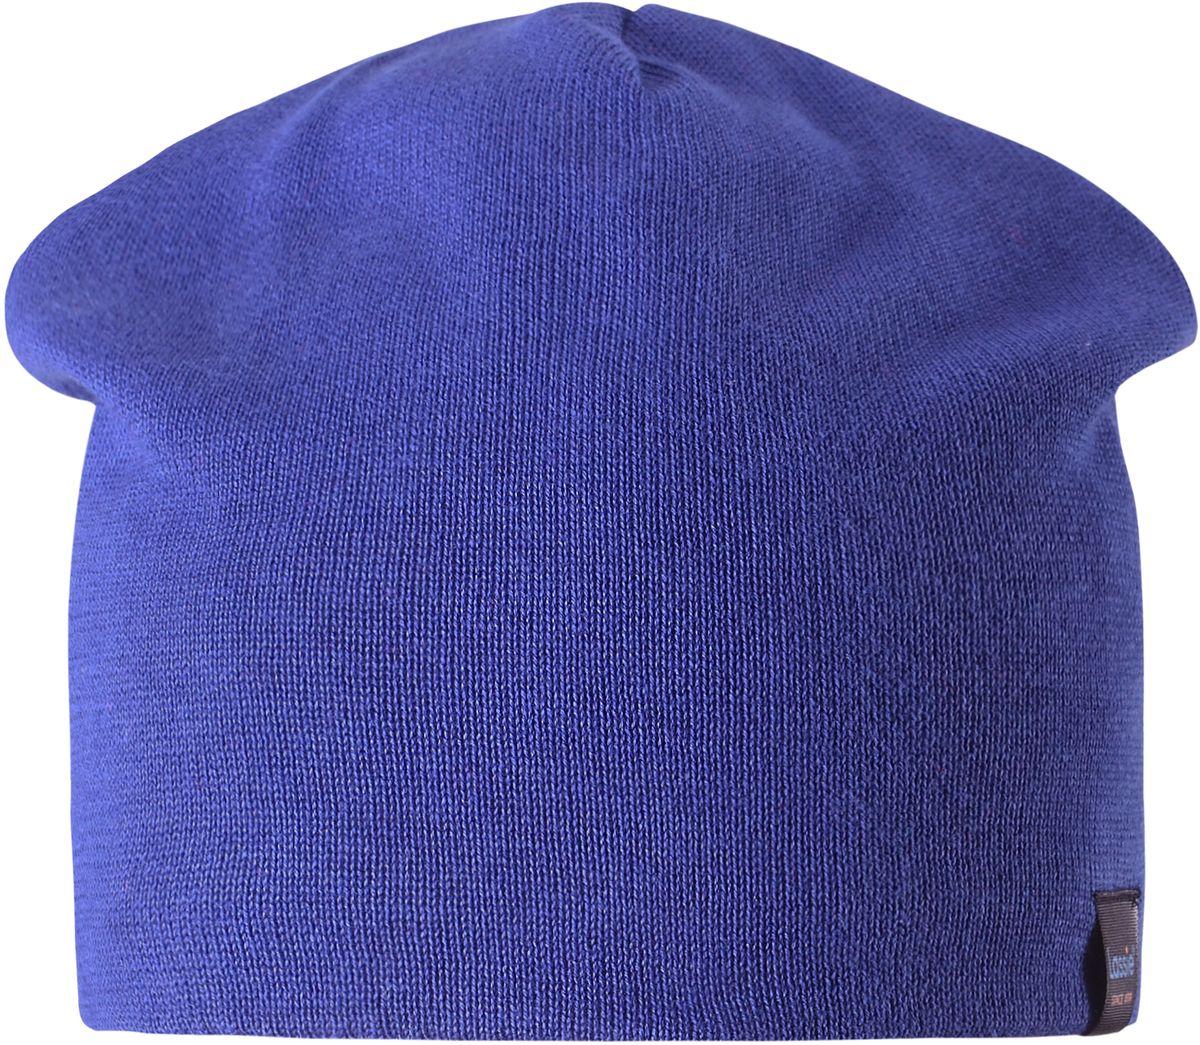 Шапка детская Lassie, цвет: синий. 7287096690. Размер 50/52